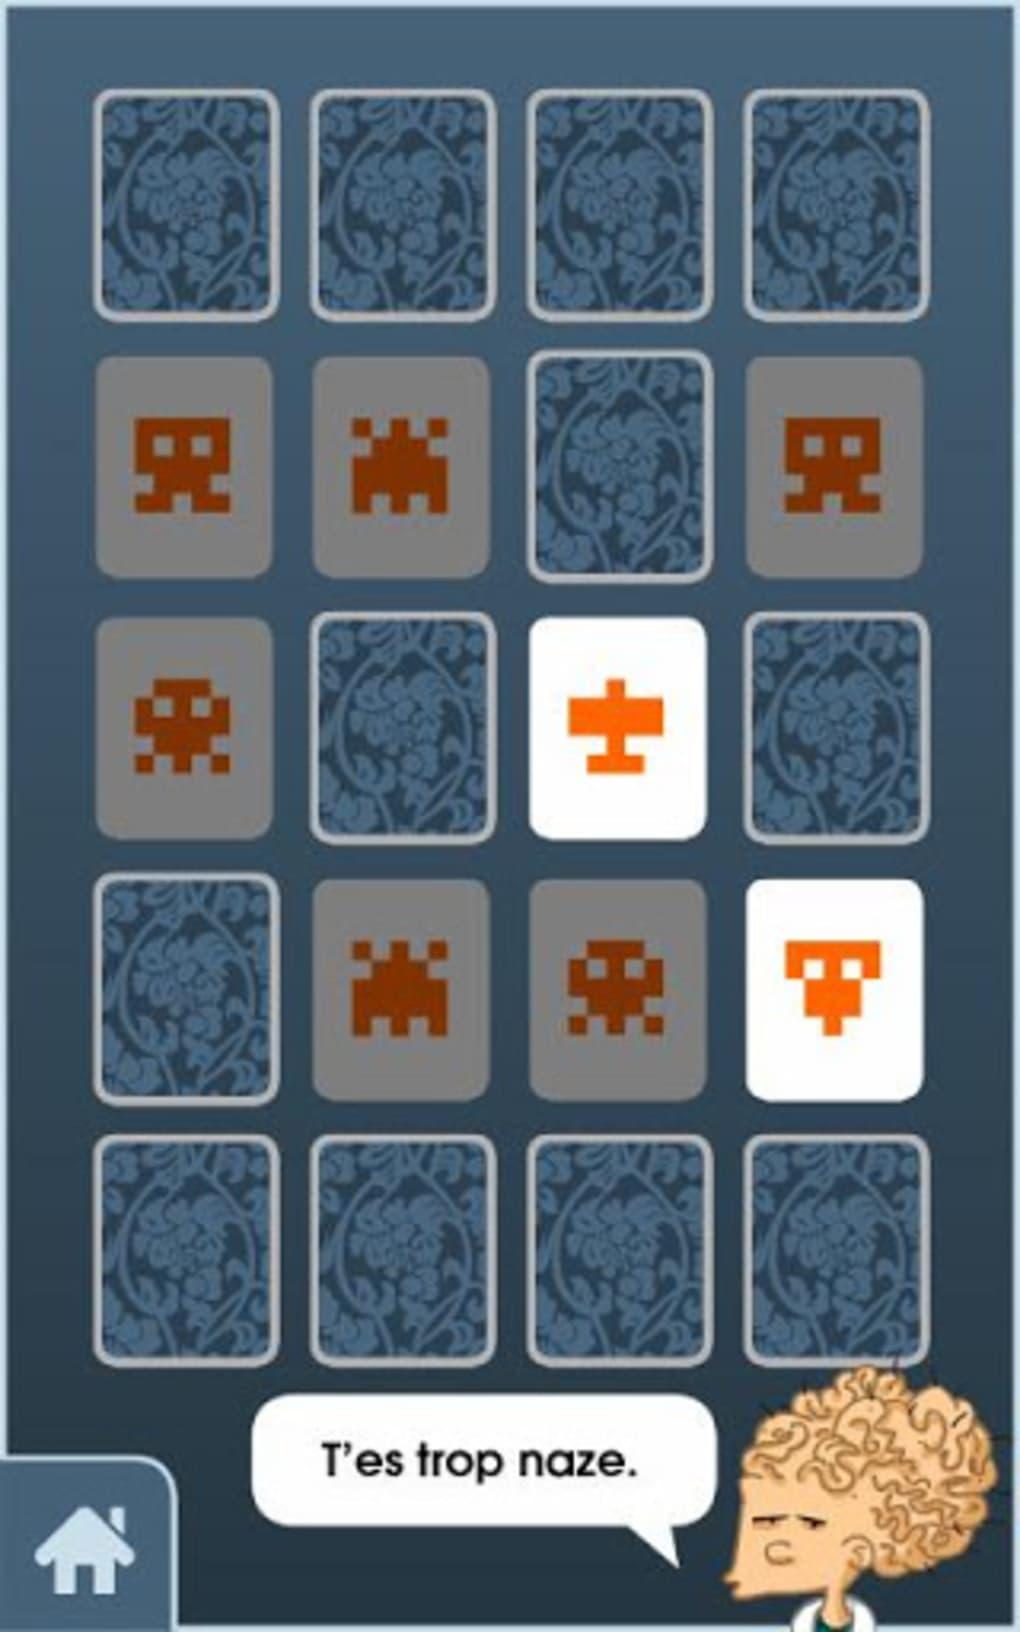 les jeux chiants gratuit pour android t l charger. Black Bedroom Furniture Sets. Home Design Ideas